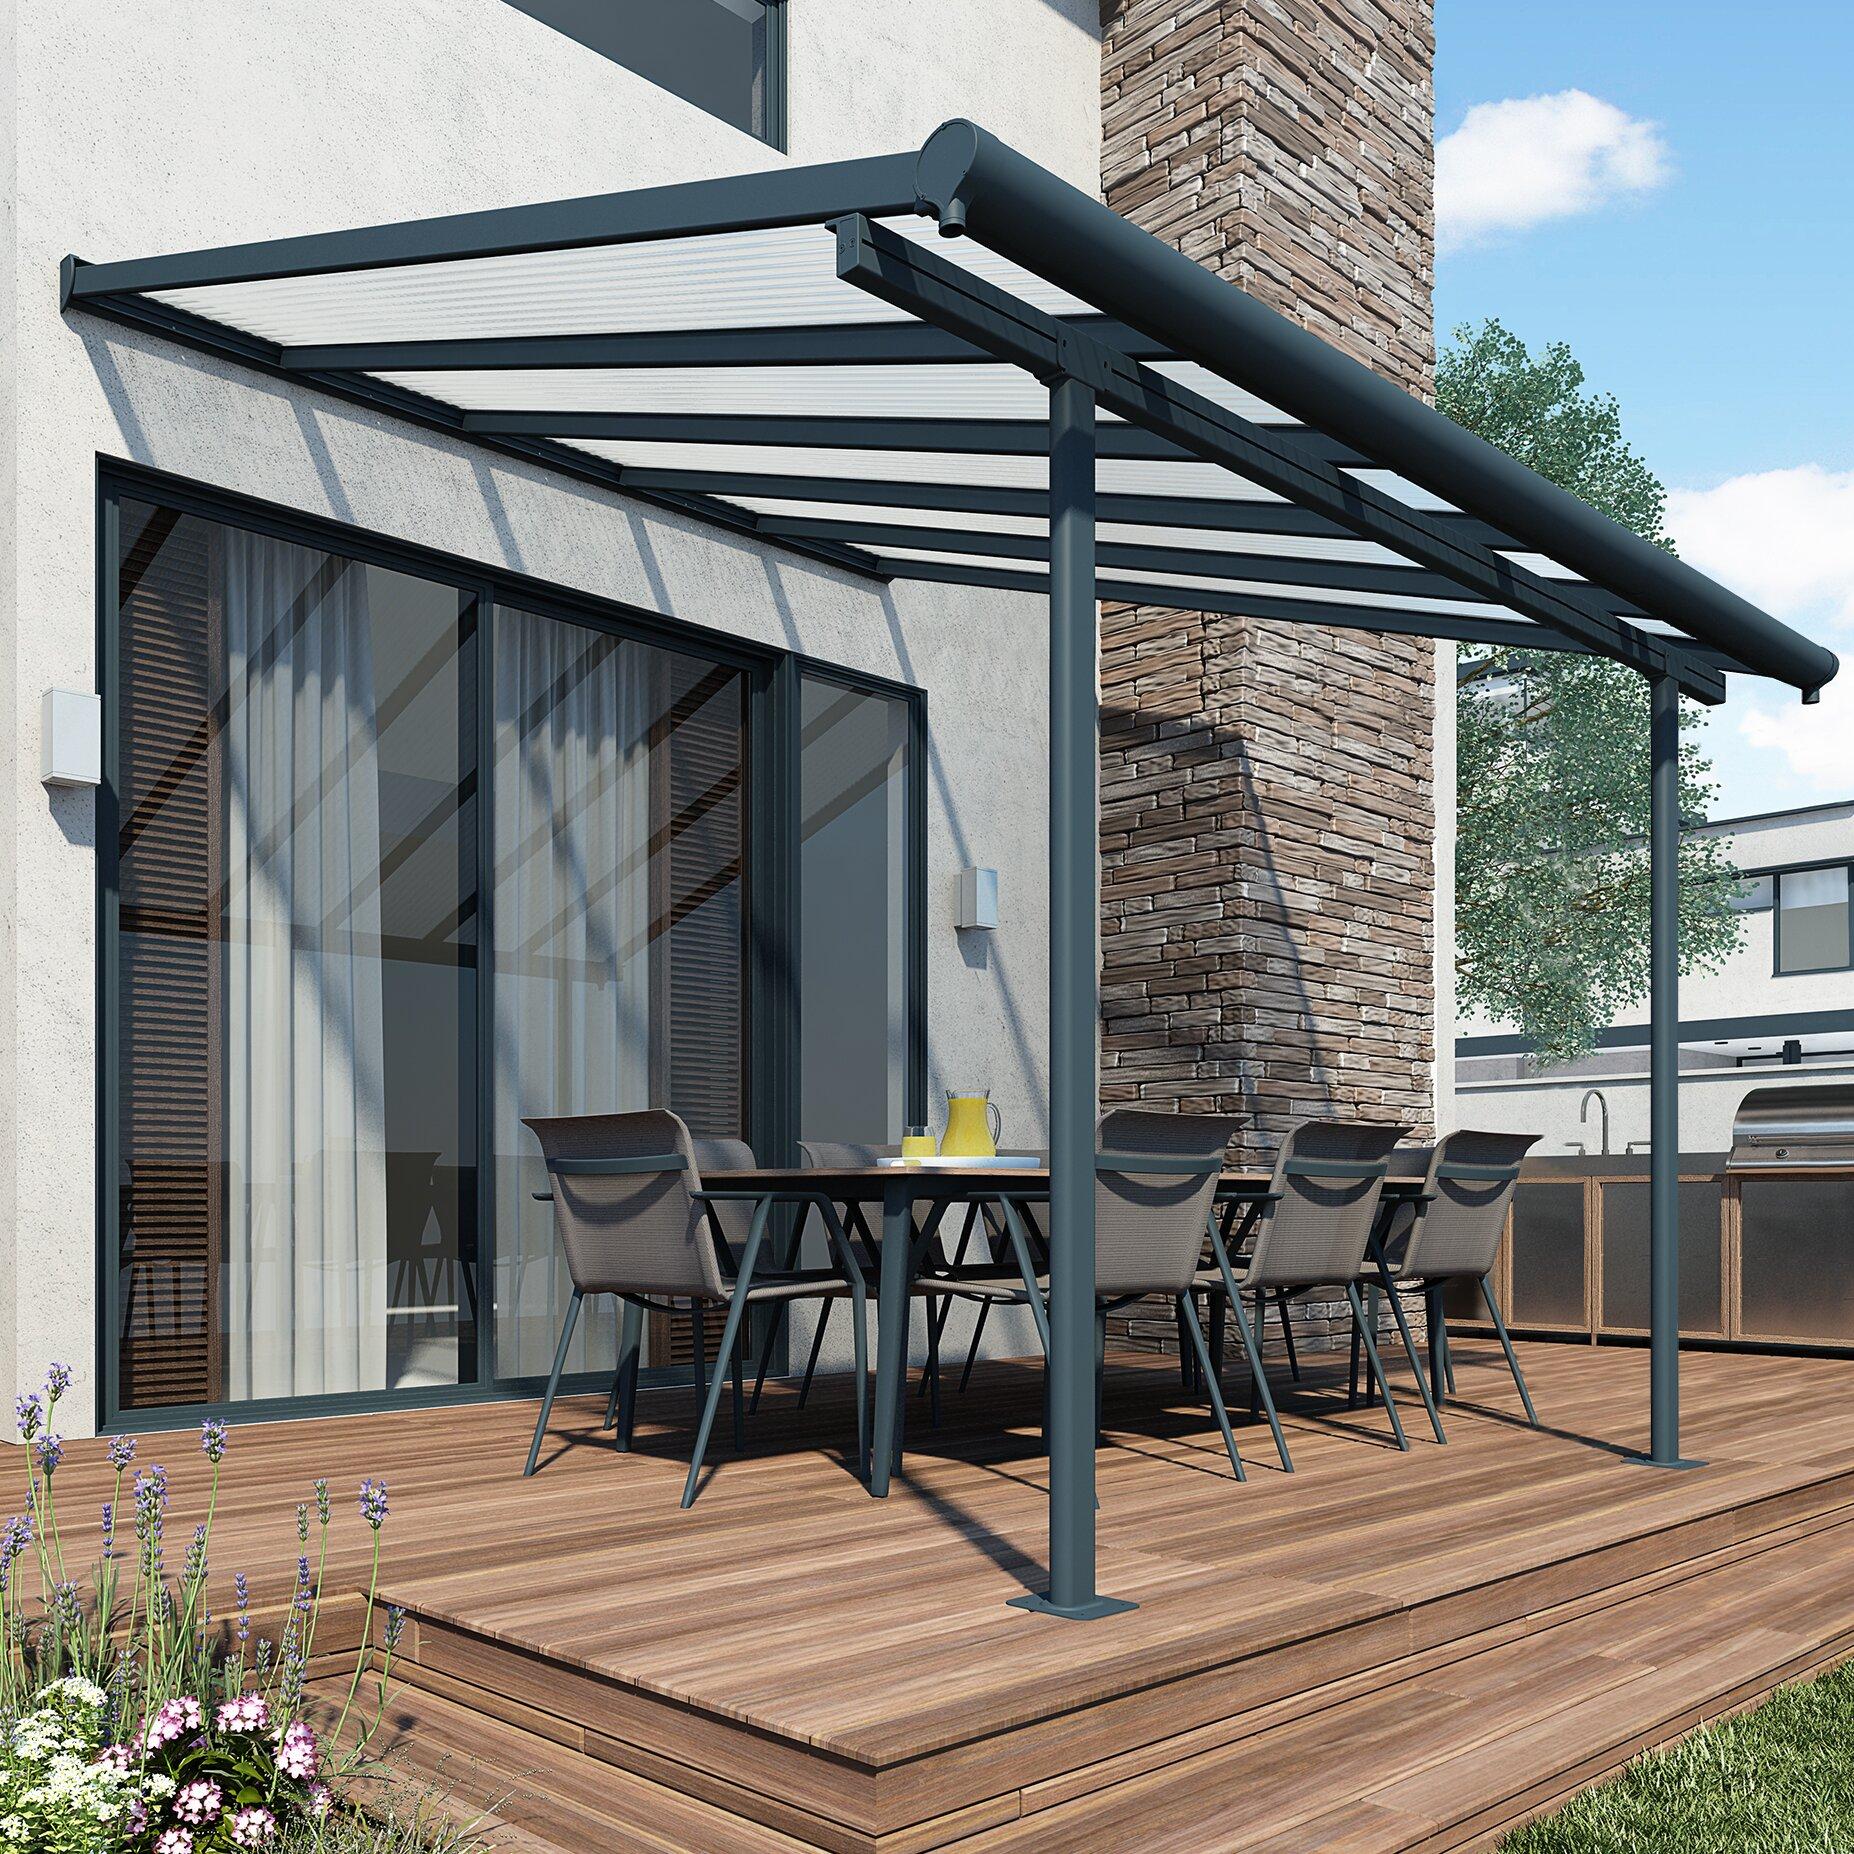 Palram Garden Sierra Patio Cover 3m W x 9.15m D Awning ...